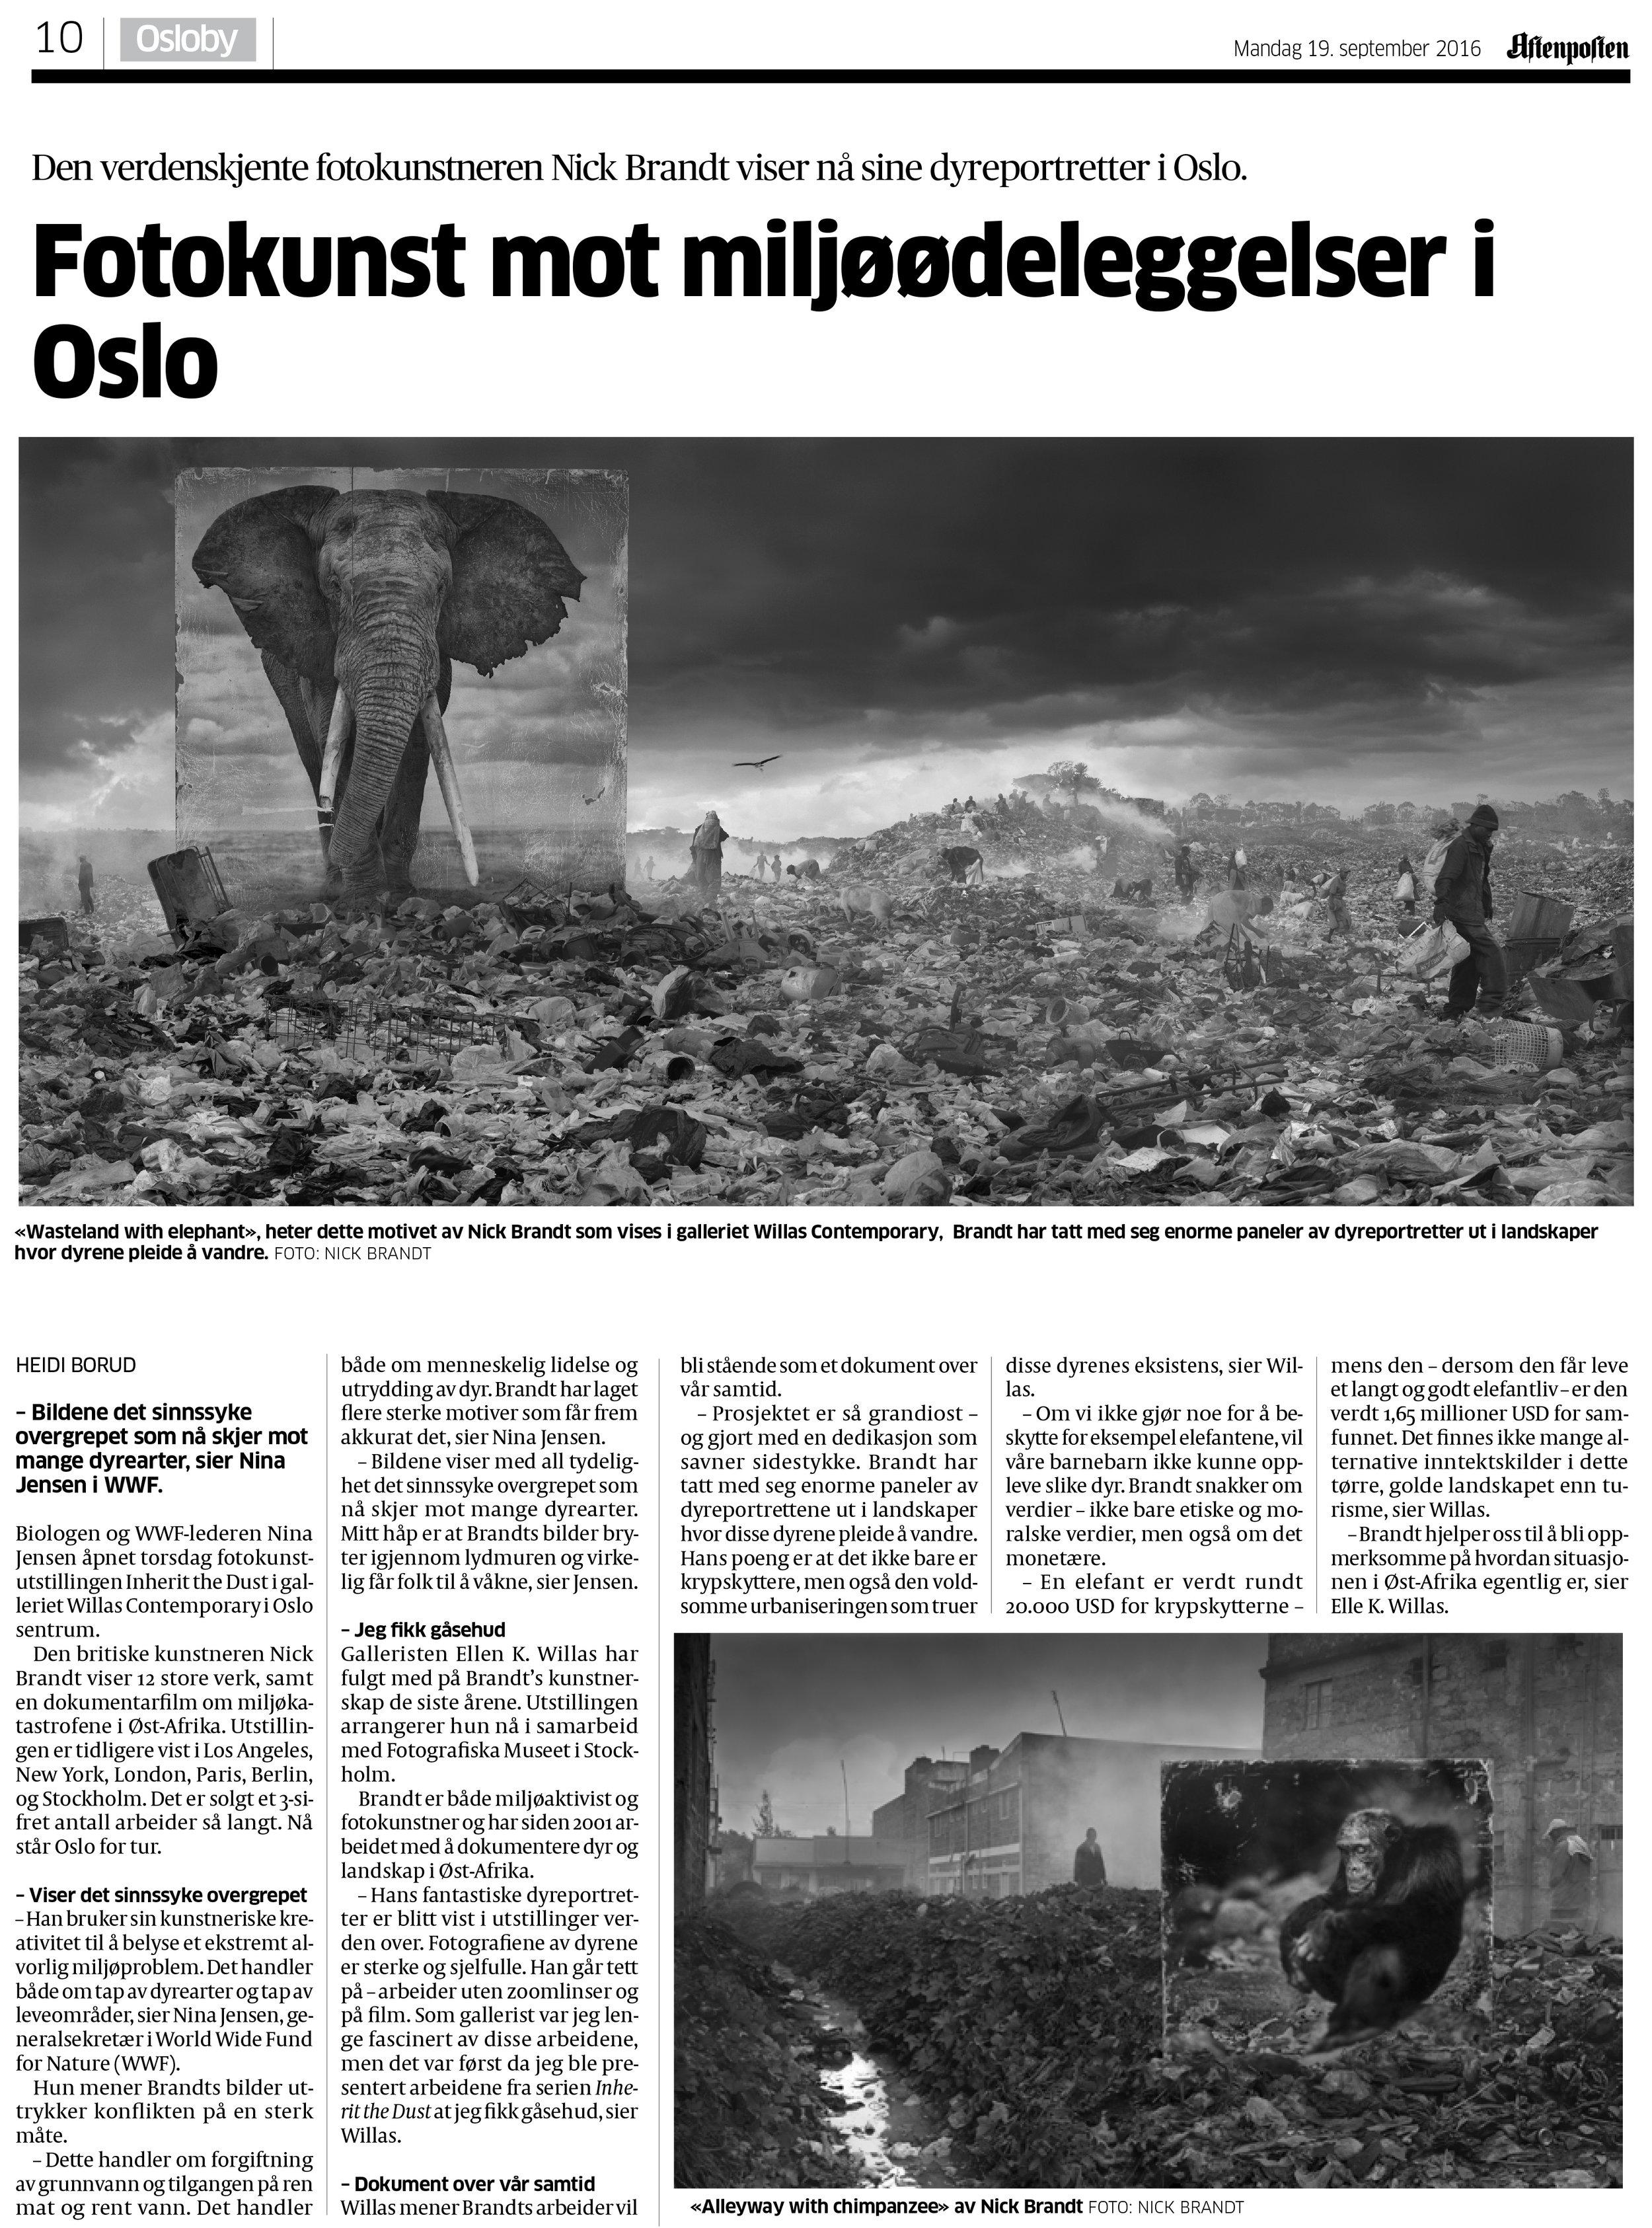 Aftenposten - Nick Brandt